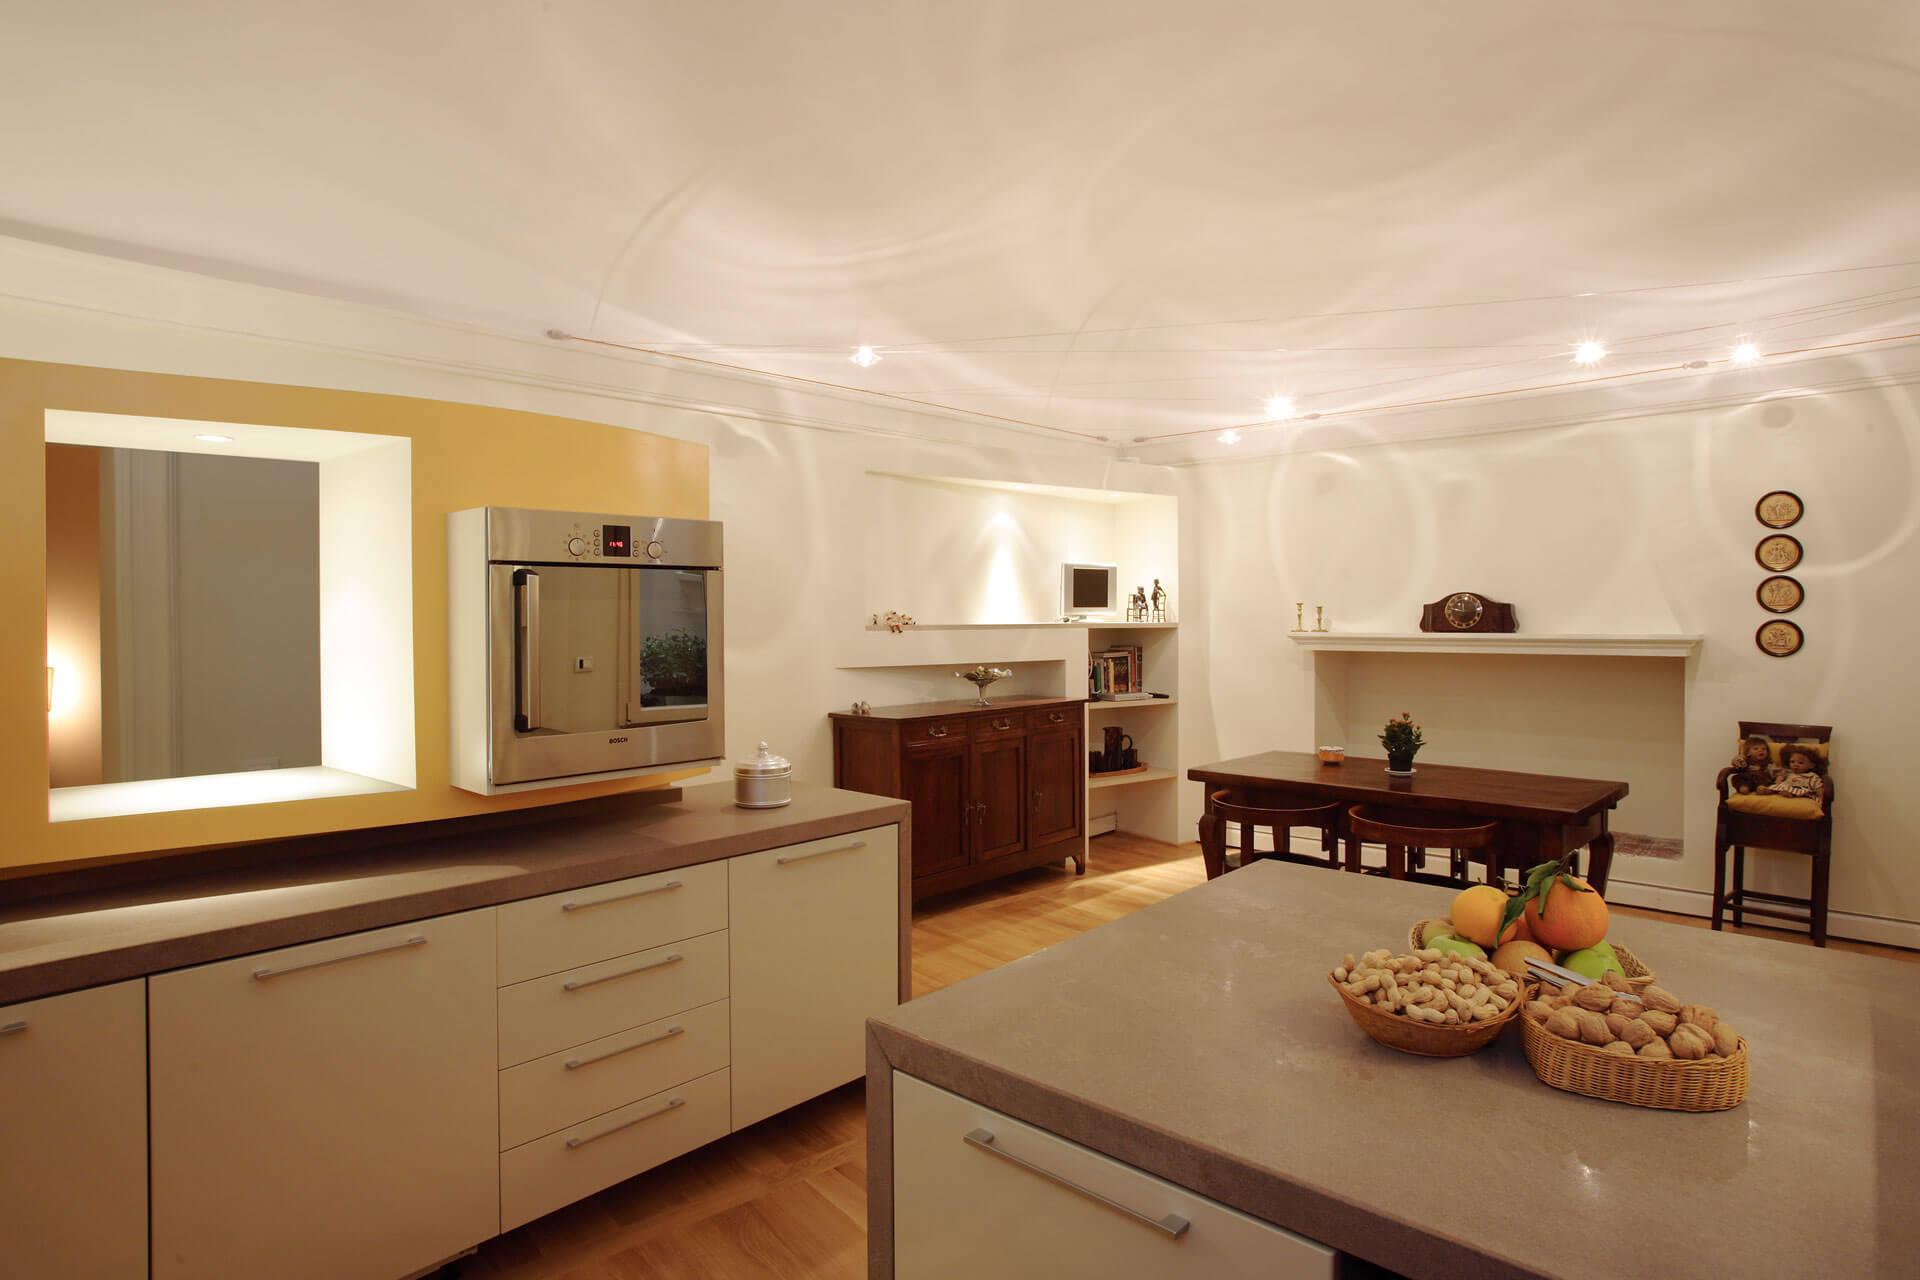 micaela-mazzoni-studio-interior-designer-bologna-progetti-abitativi-gallery-appartamento-via-cesare-battisti-bologna-1